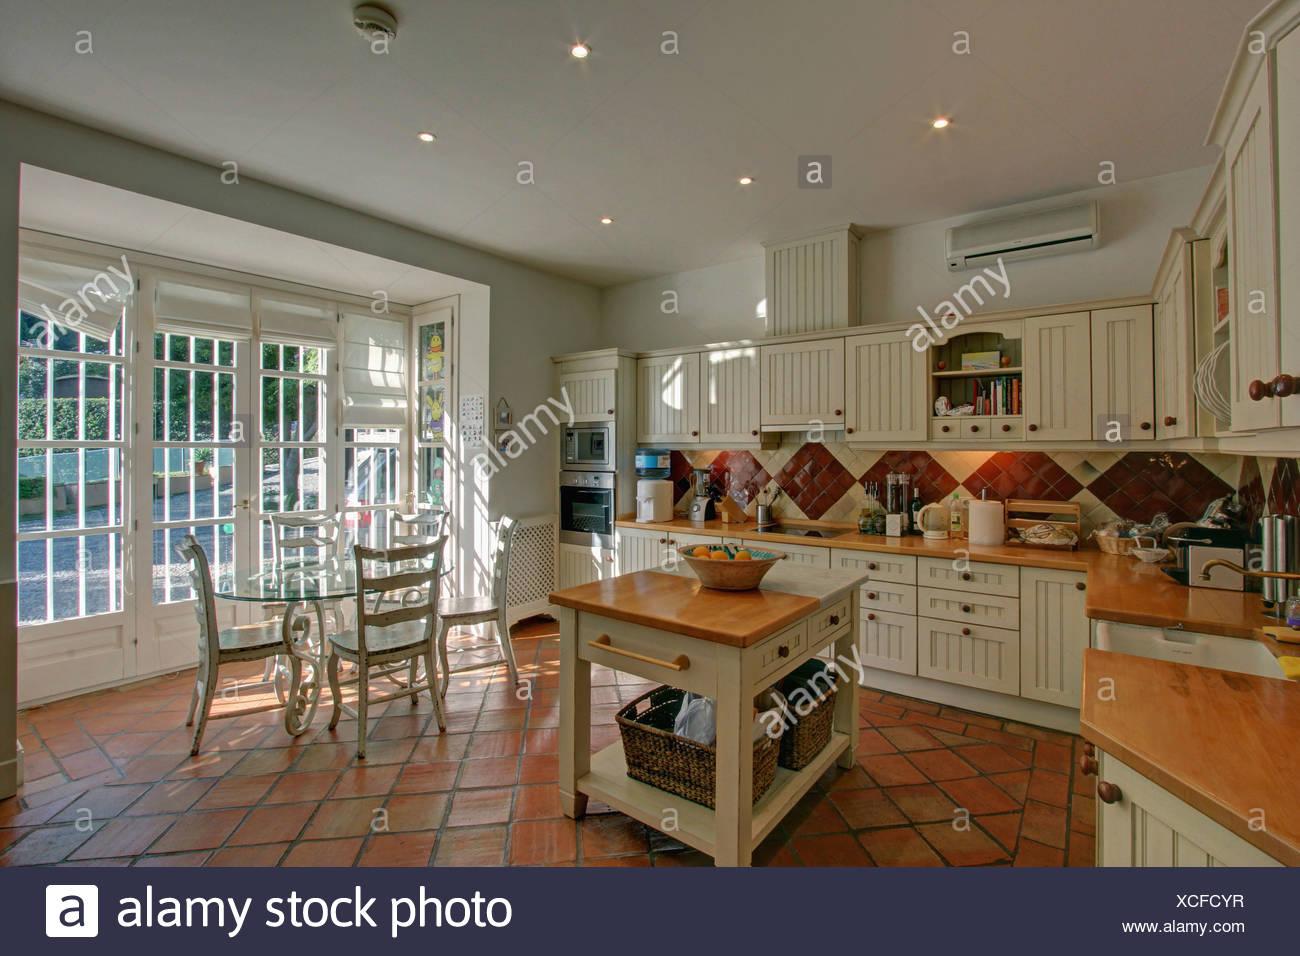 Macelleria blocco in stile country di cucina spagnola con pavimento